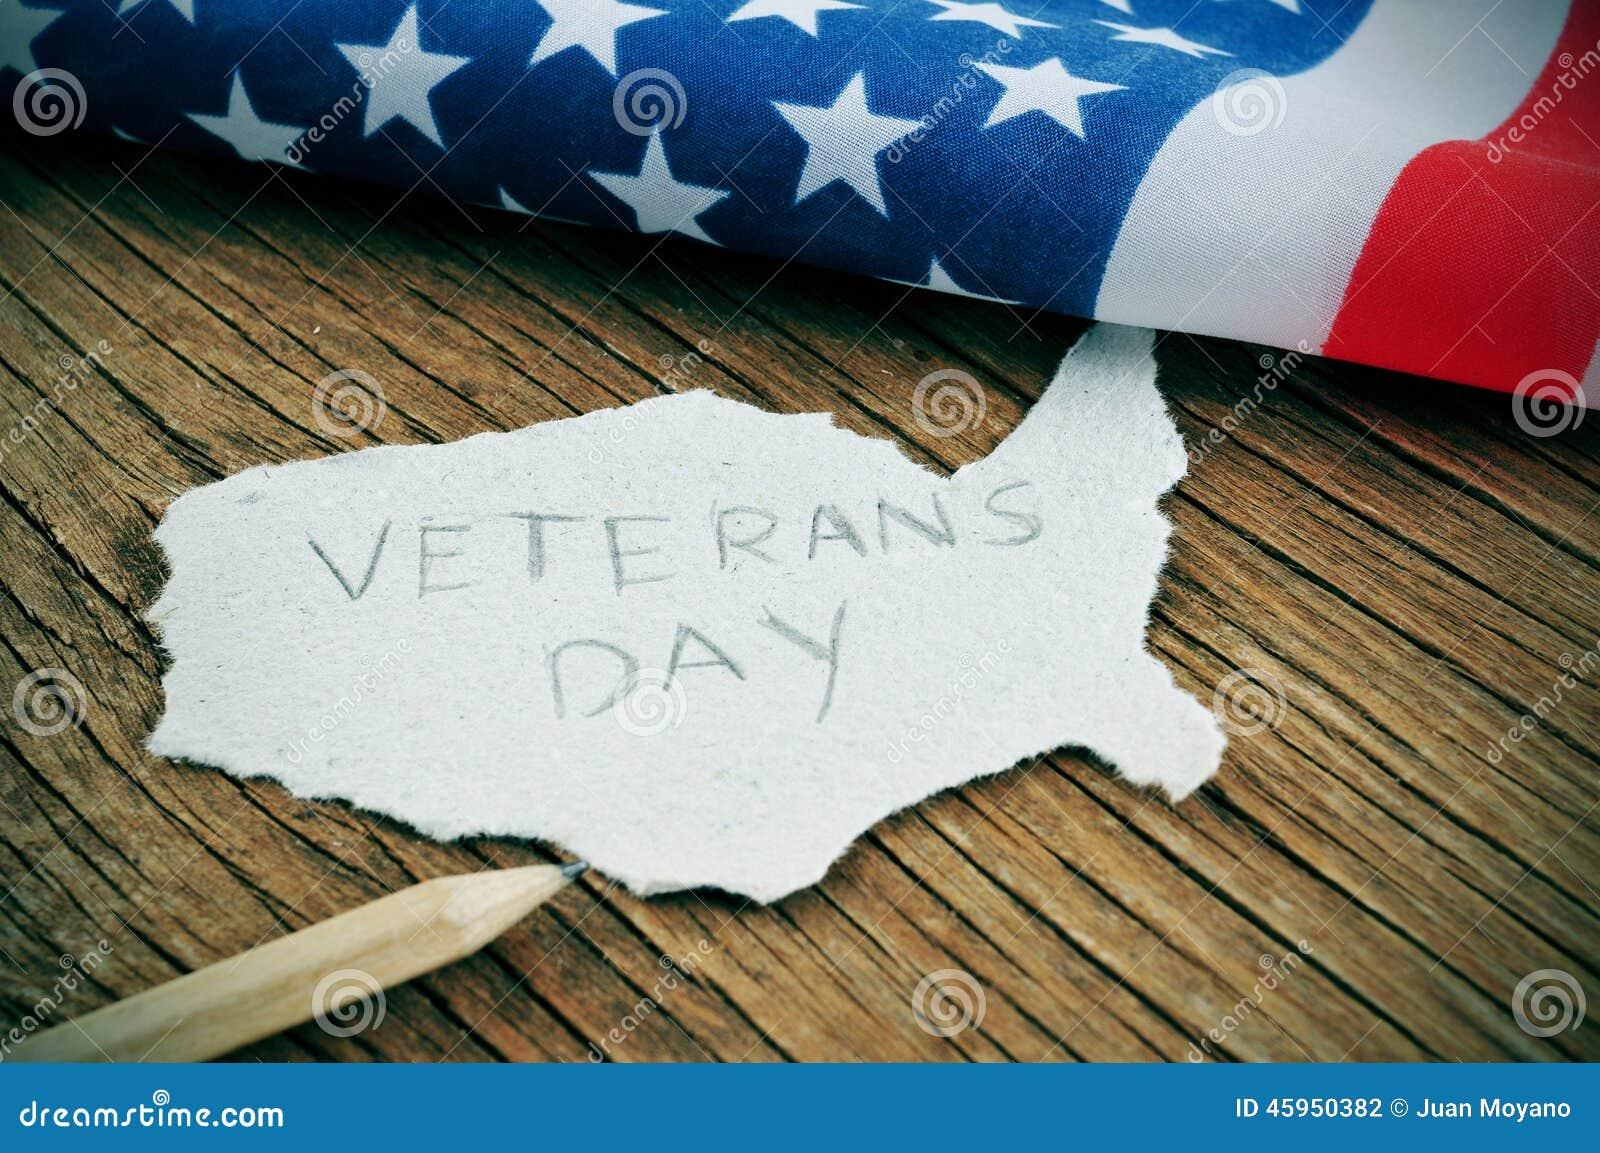 veterans essay honoring veterans essay